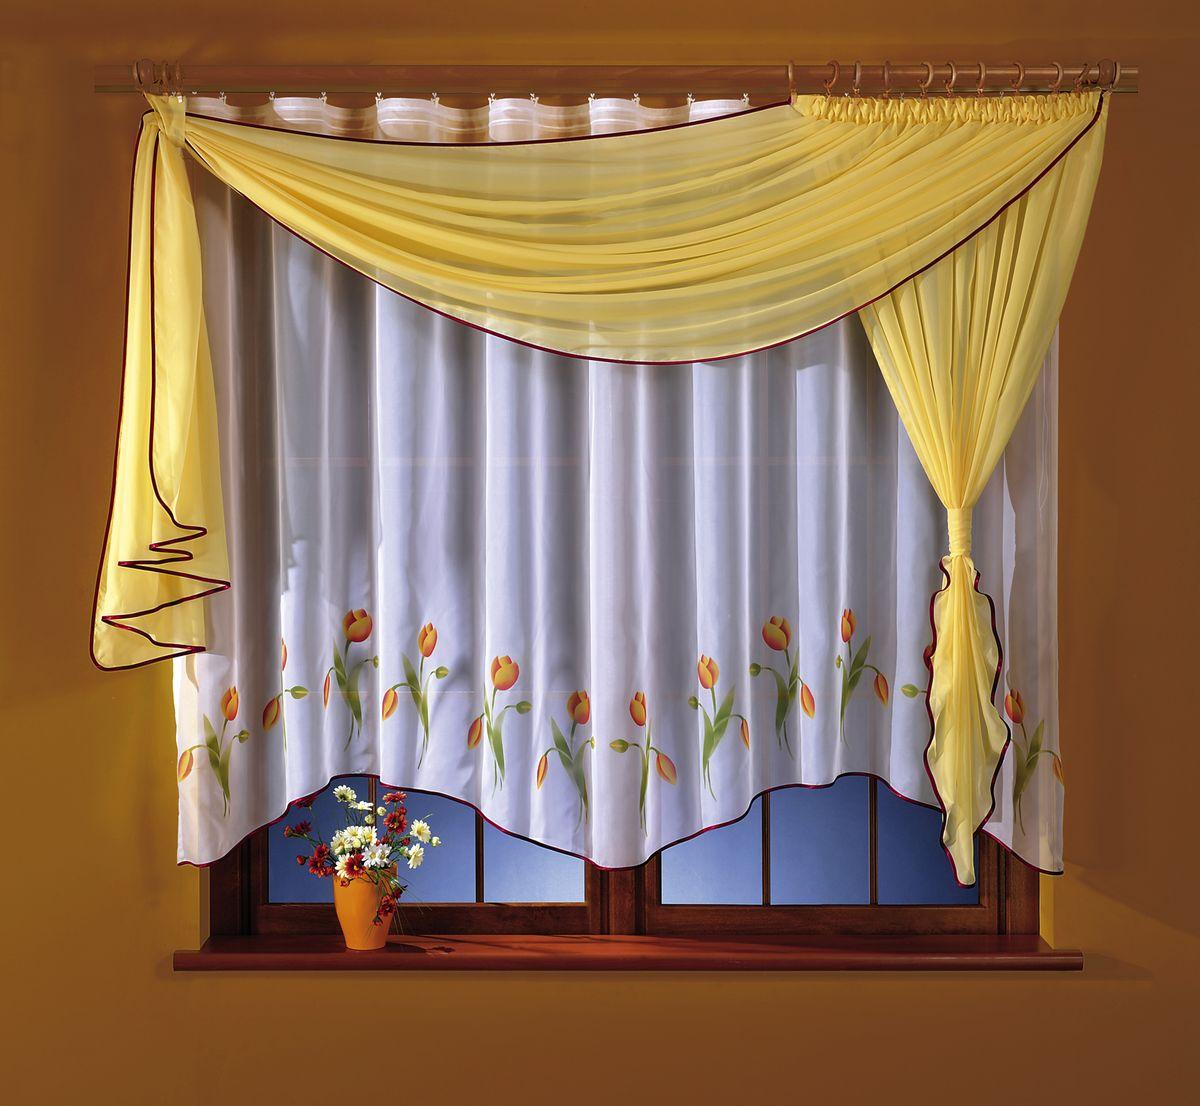 Комплект штор для кухни Wisan Marzenka, на ленте, цвет: белый, желтый, высота 180 см264WКомплект штор для кухни Wisan Marzenka выполненный из полиэстера, великолепно украсит любое окно. В комплект входят тюль, ламбрекен и 2 подвяза.Оригинальный и яркий дизайн придают комплекту особый стиль и шарм. Качественный материал, нежная цветовая гамма и роскошное исполнение - все это делает шторы Wisan Marzenka замечательным дополнением интерьера помещения.Комплект оснащен шторной лентой для красивой сборки. В комплект входит: Тюль - 1 шт. Размер (ШхВ): 160 см х 170 см. Ламбрекен - 1 шт. Размер (ШхВ): 50 см х 180 см. Подвяз - 2 шт.Фирма Wisan на польском рынке существует уже более пятидесяти лет и является одной из лучших польских фабрик по производству штор и тканей. Ассортимент фирмы представлен готовыми комплектами штор для гостиной, детской, кухни, а также текстилем для кухни (скатерти, салфетки, дорожки, кухонные занавески). Модельный ряд отличает оригинальный дизайн, высокое качество. Ассортимент продукции постоянно пополняется.